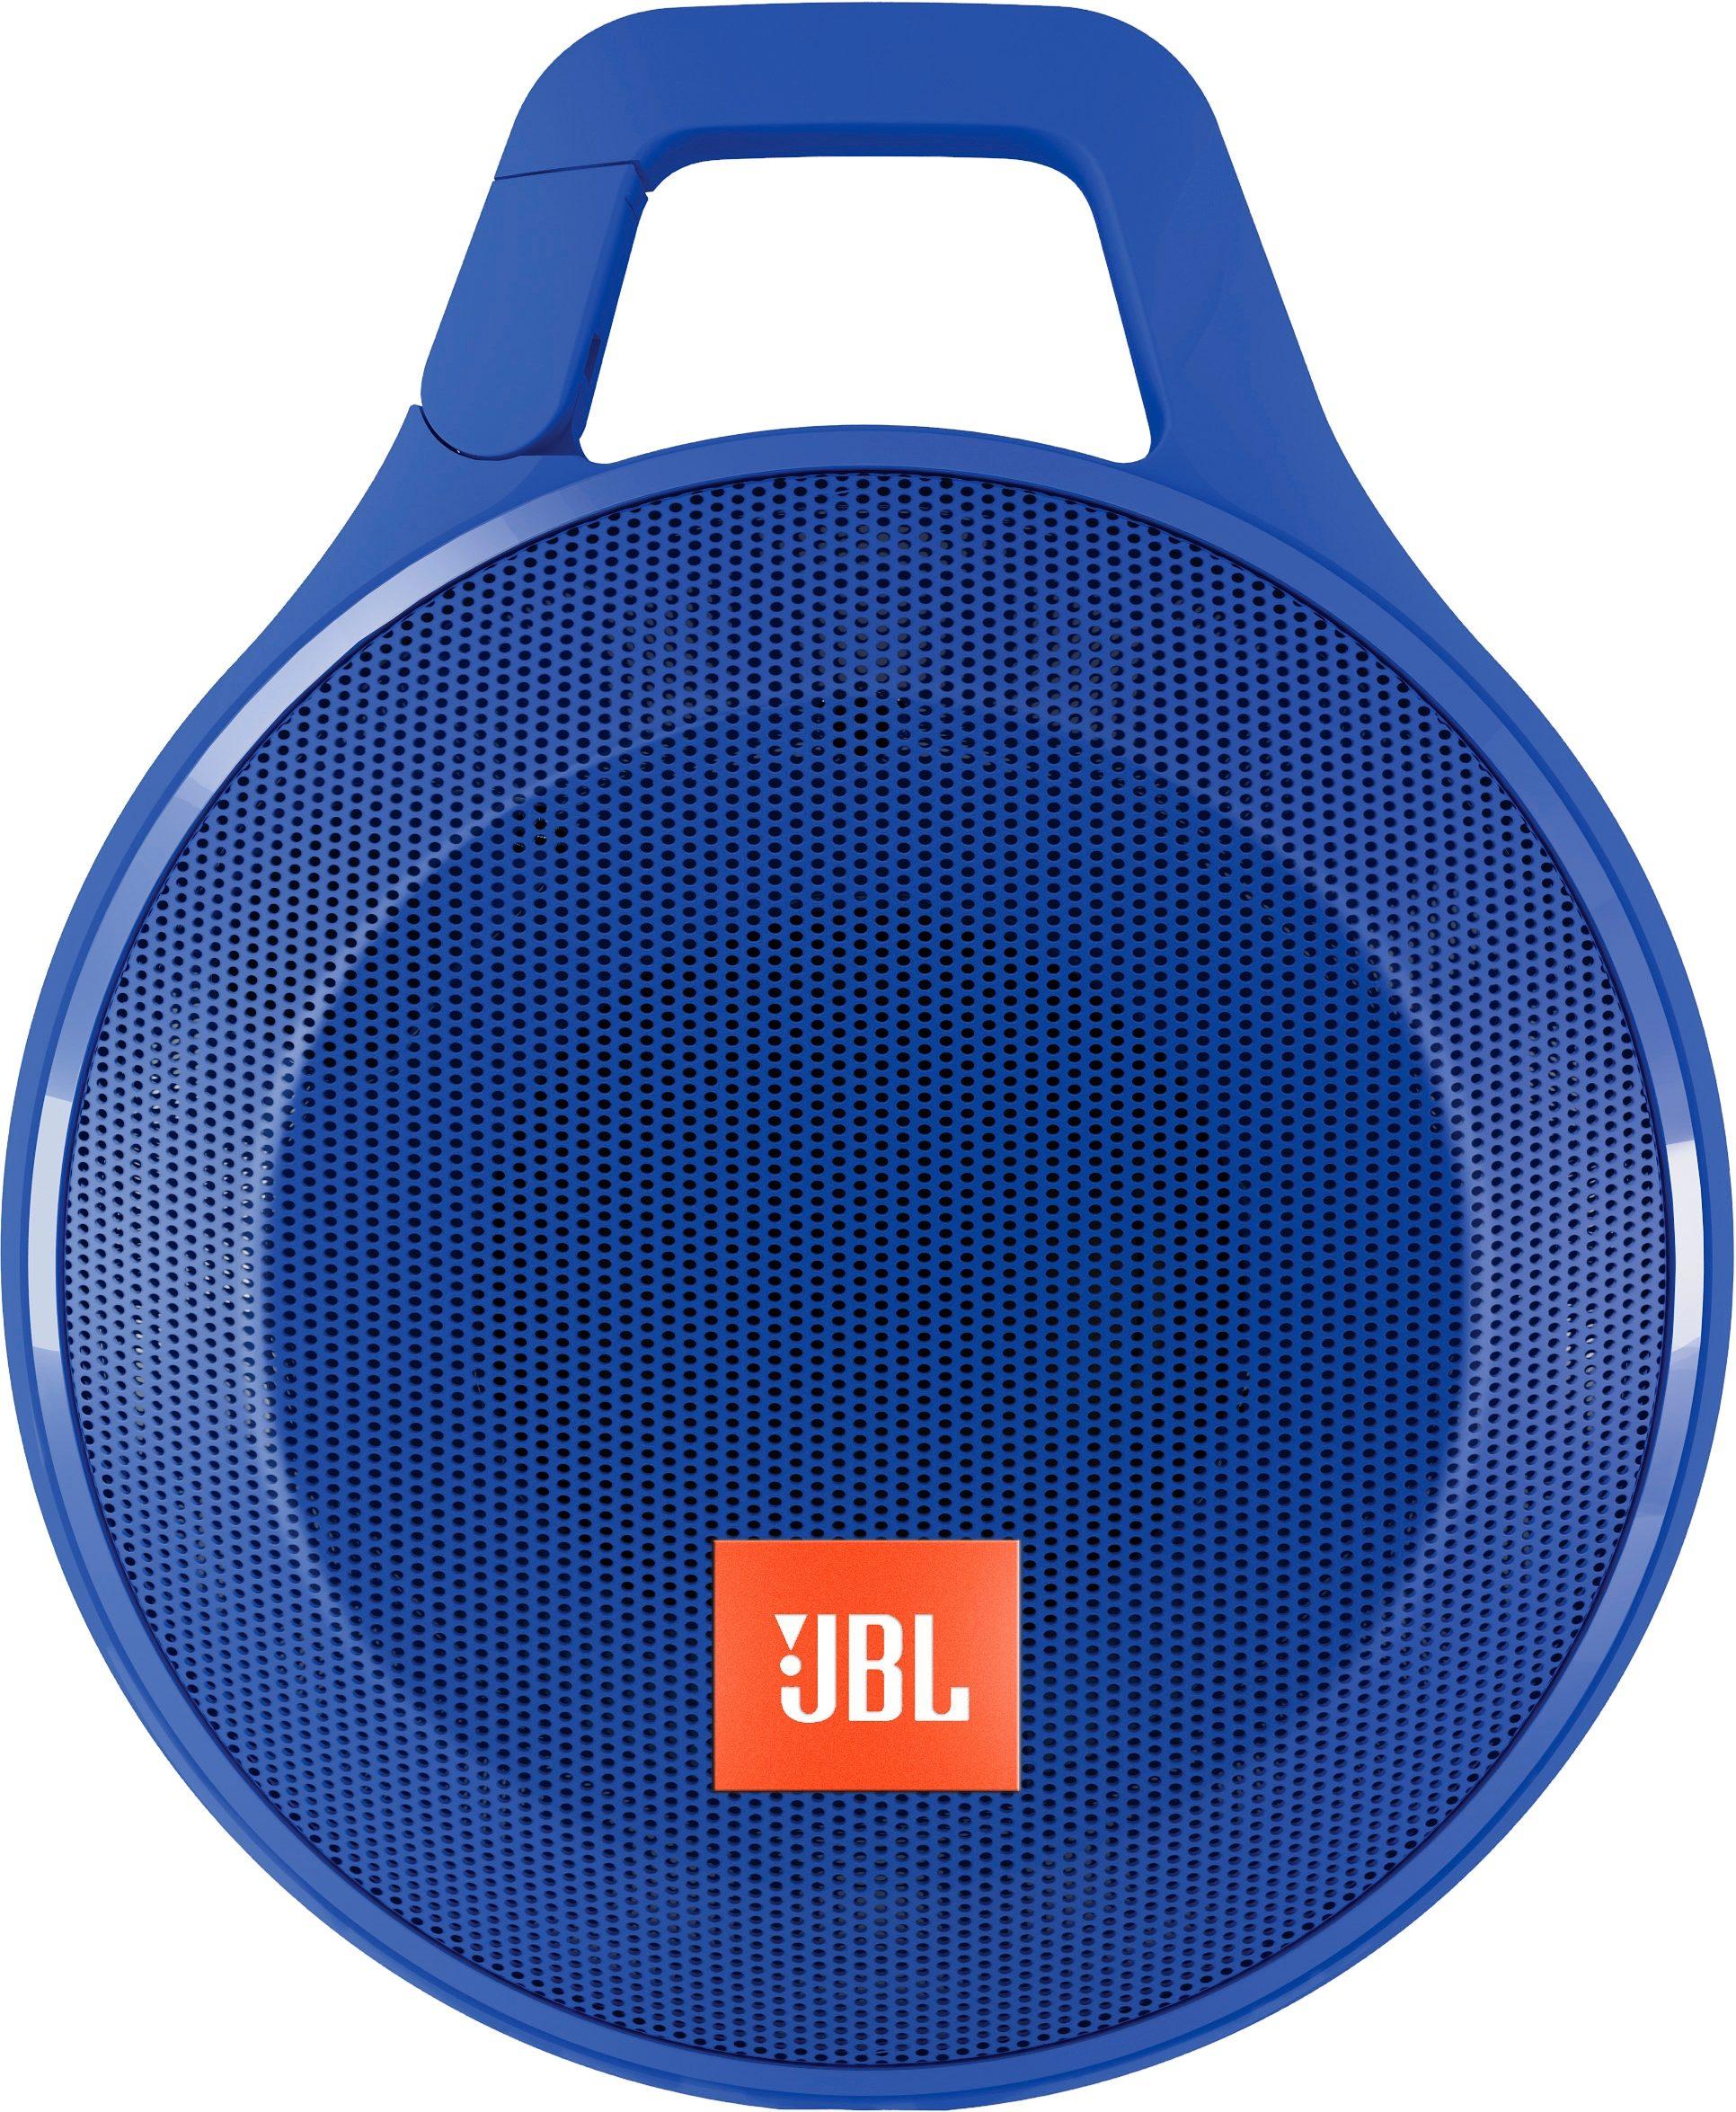 JBL CLIP+ Bluetooth-Lautsprecher